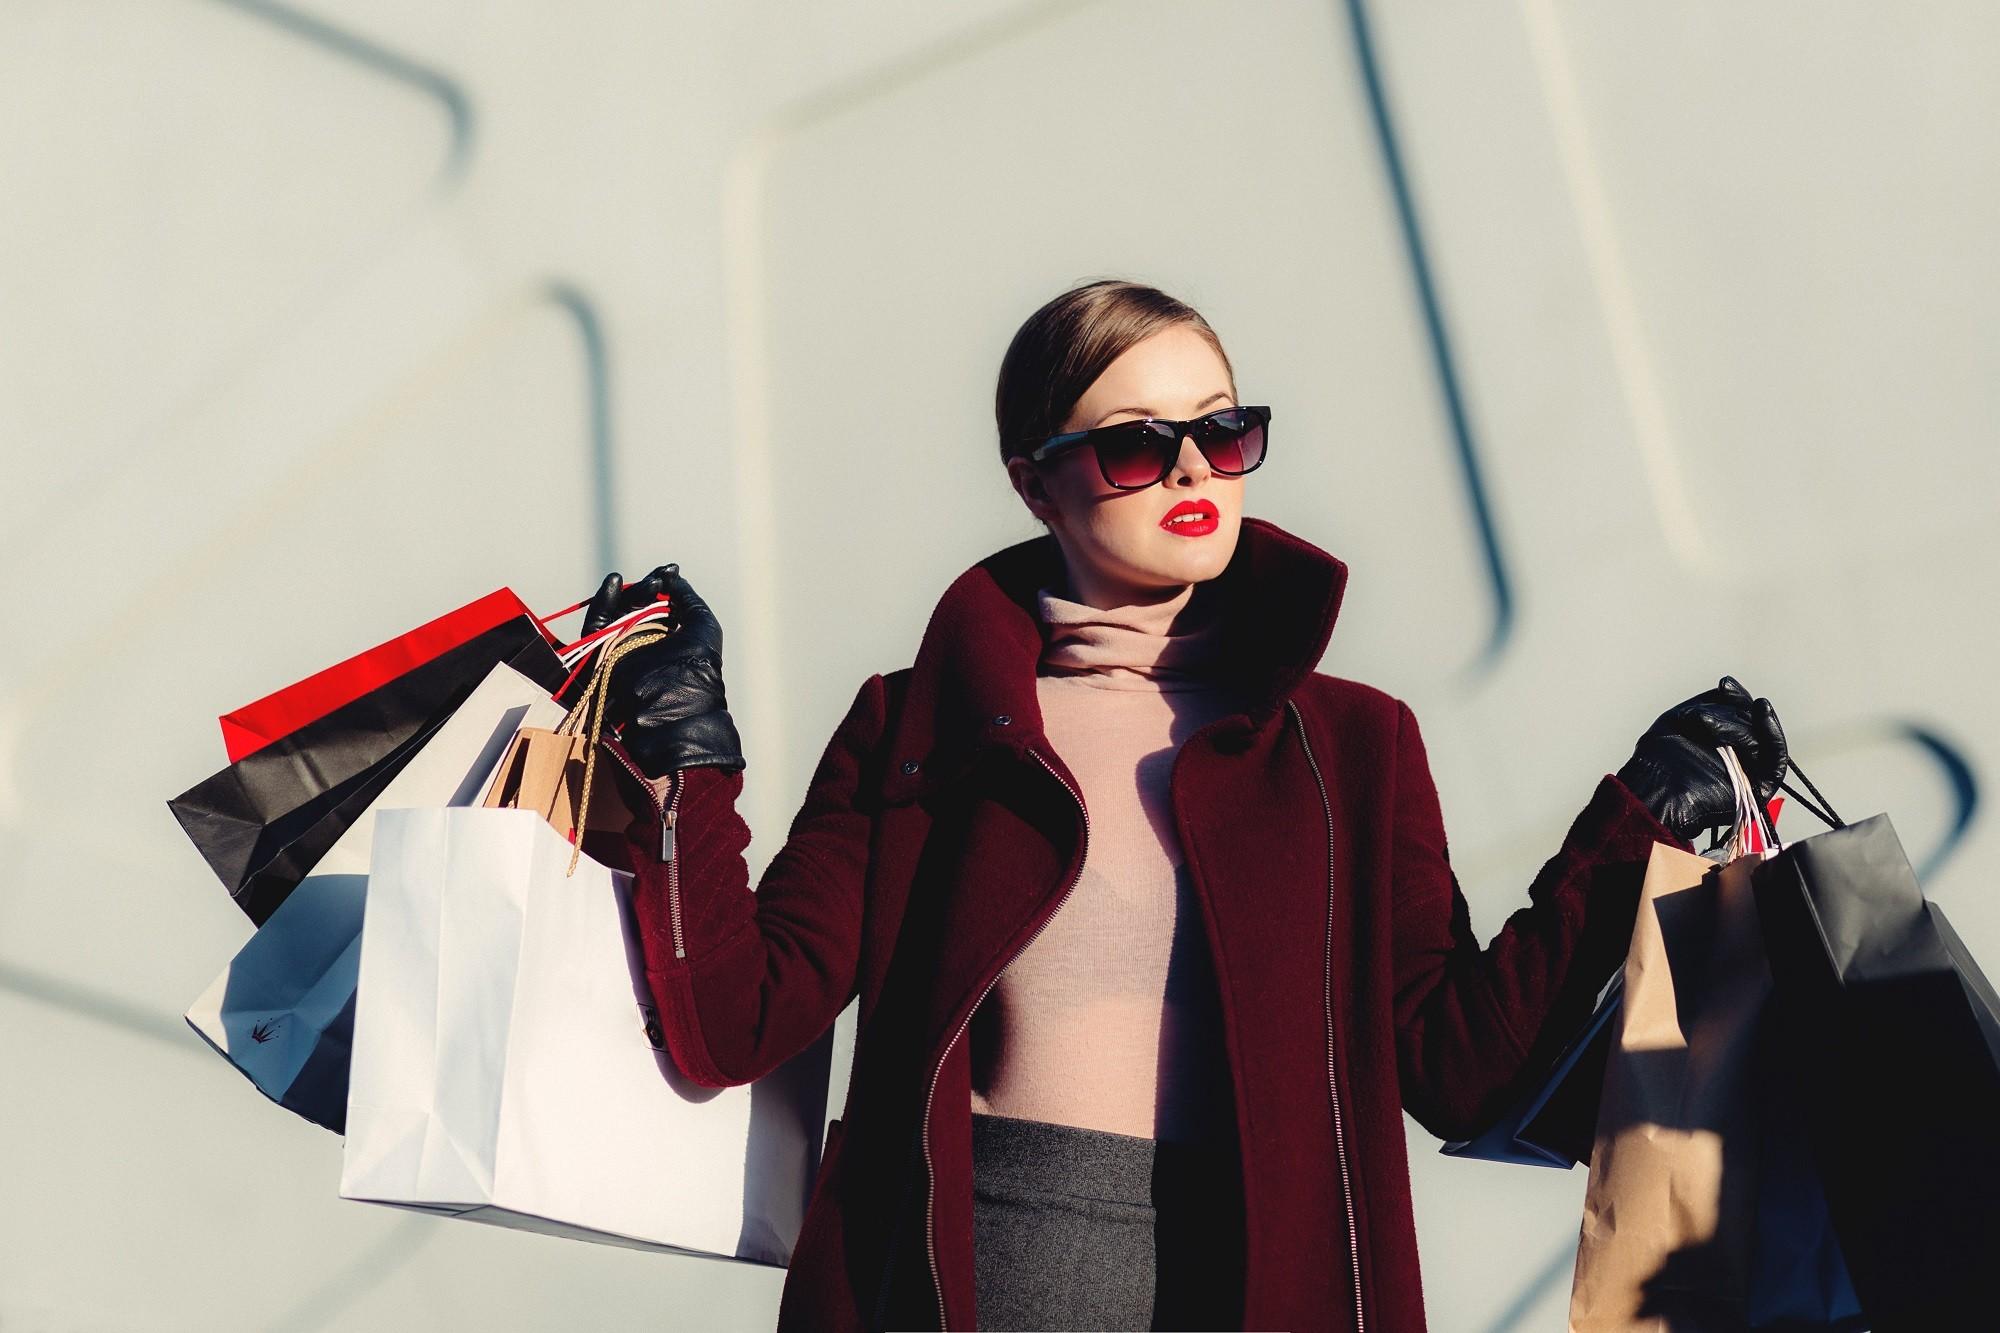 El Día de No Comprar Nada sirve para tomar conciencia sobre el consumismo